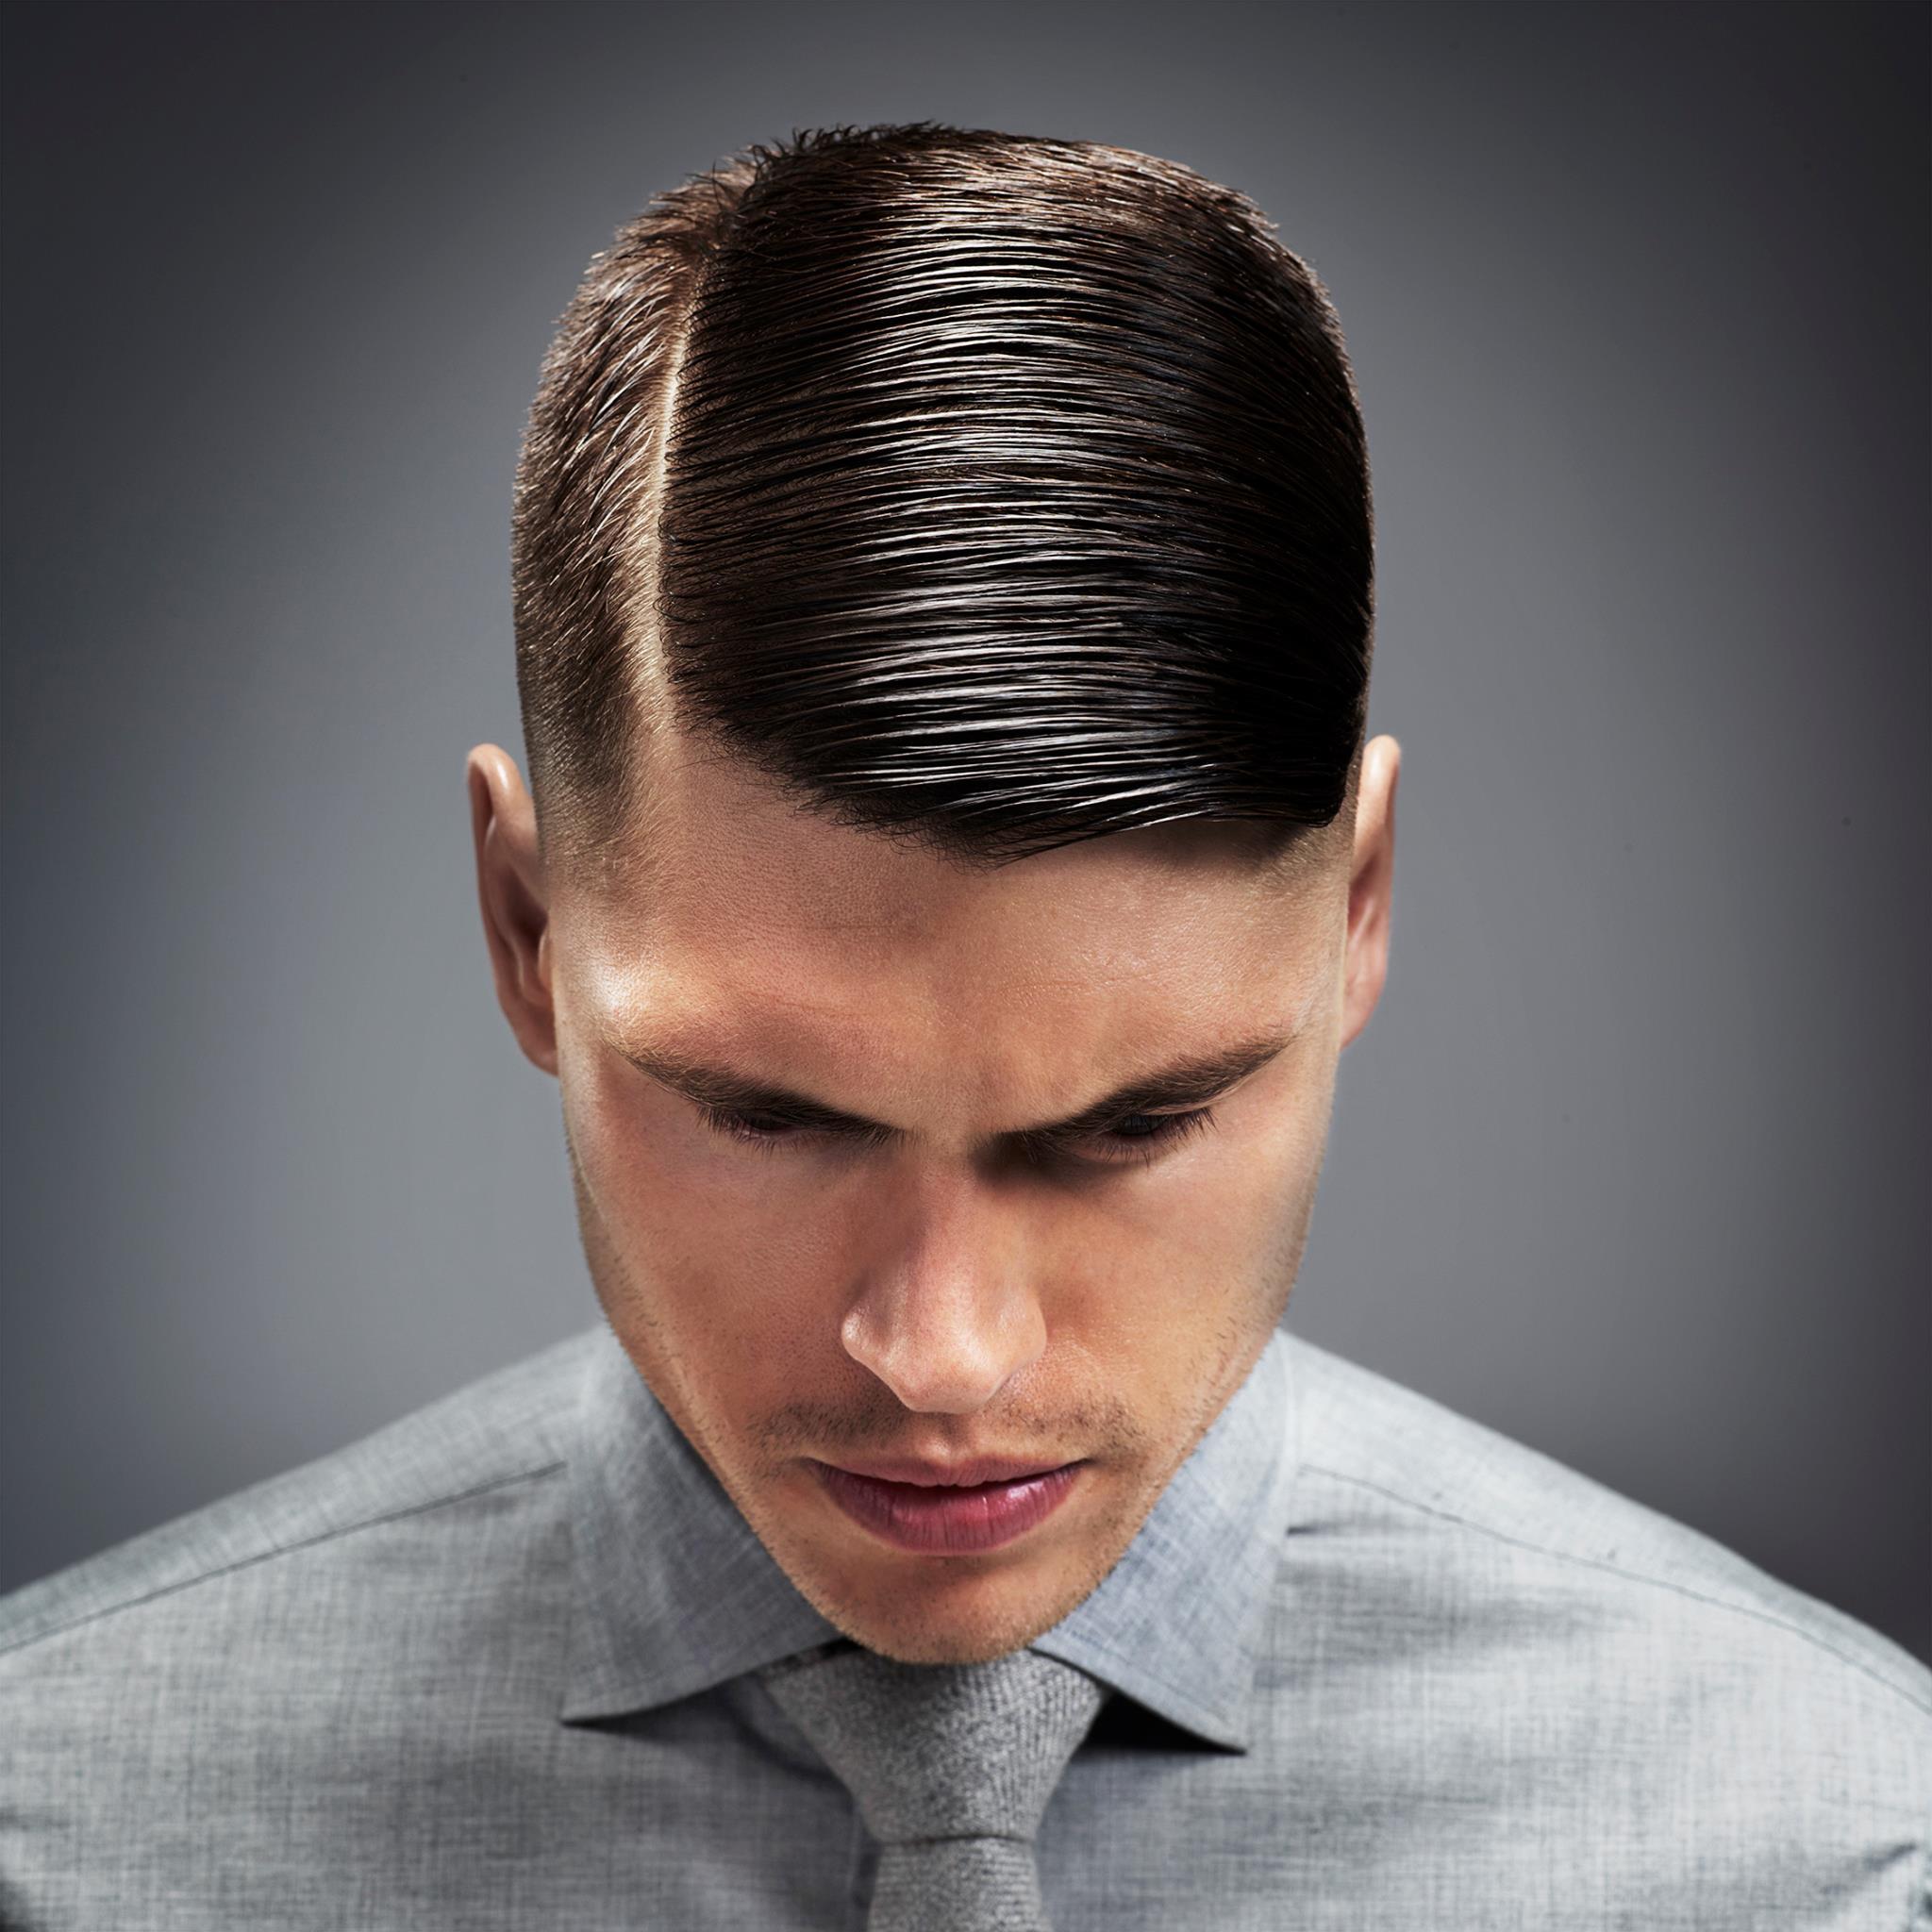 Mens part haircut